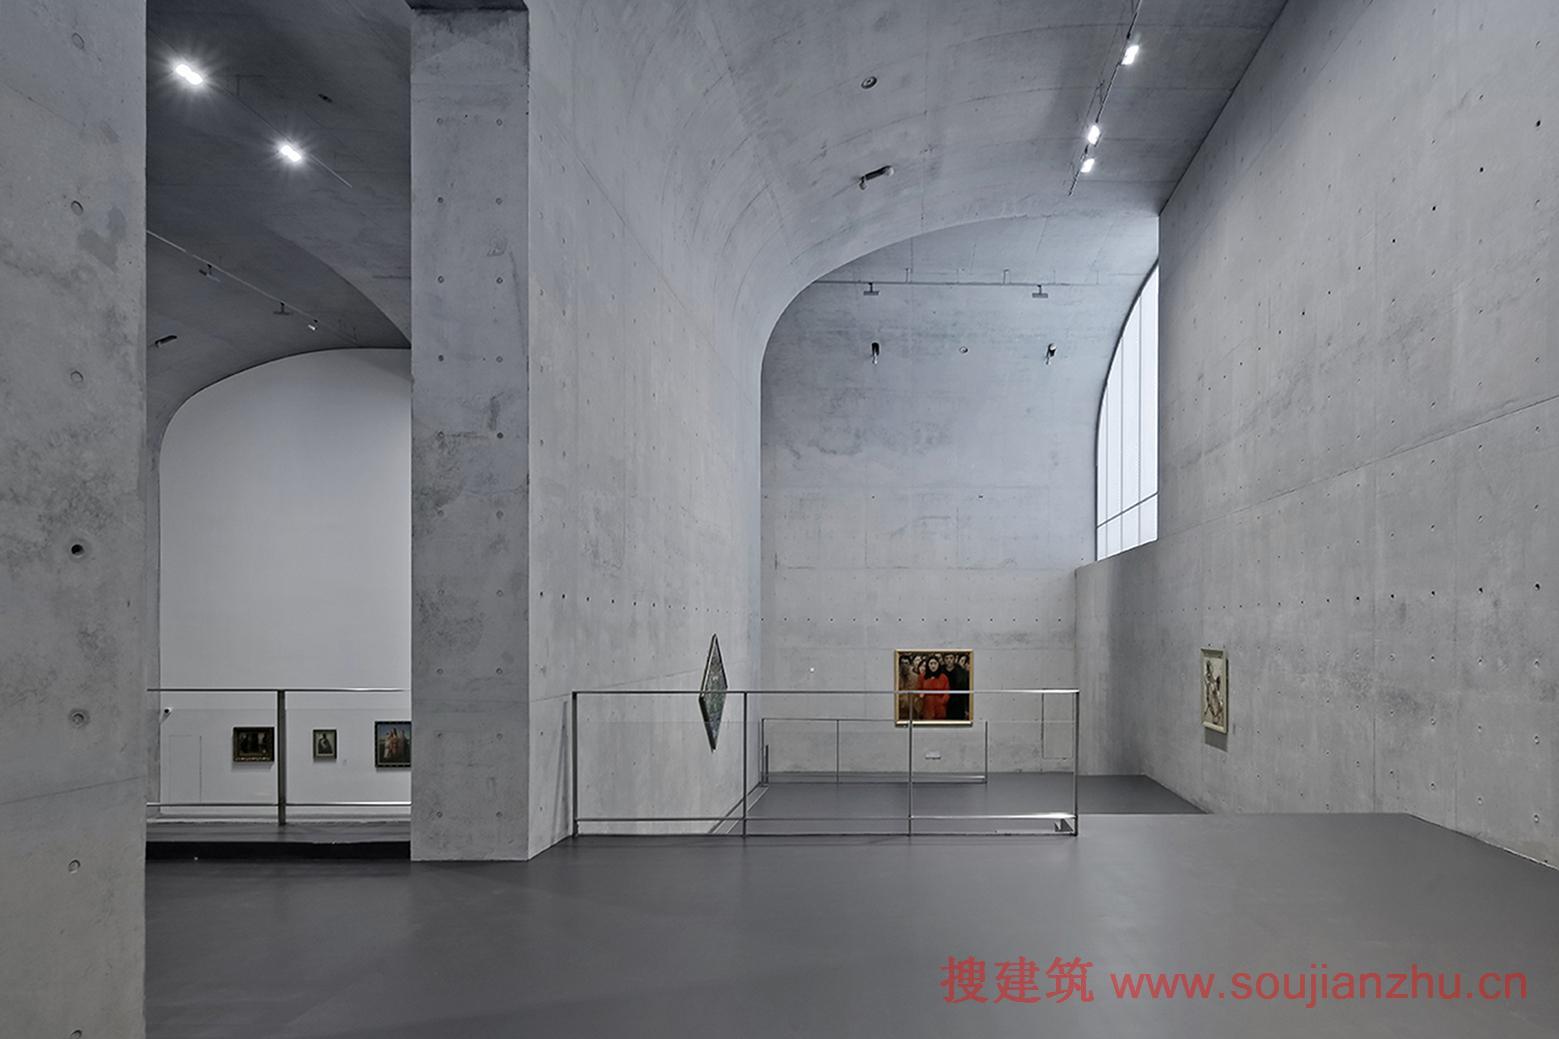 上海·龙美术馆---atelier